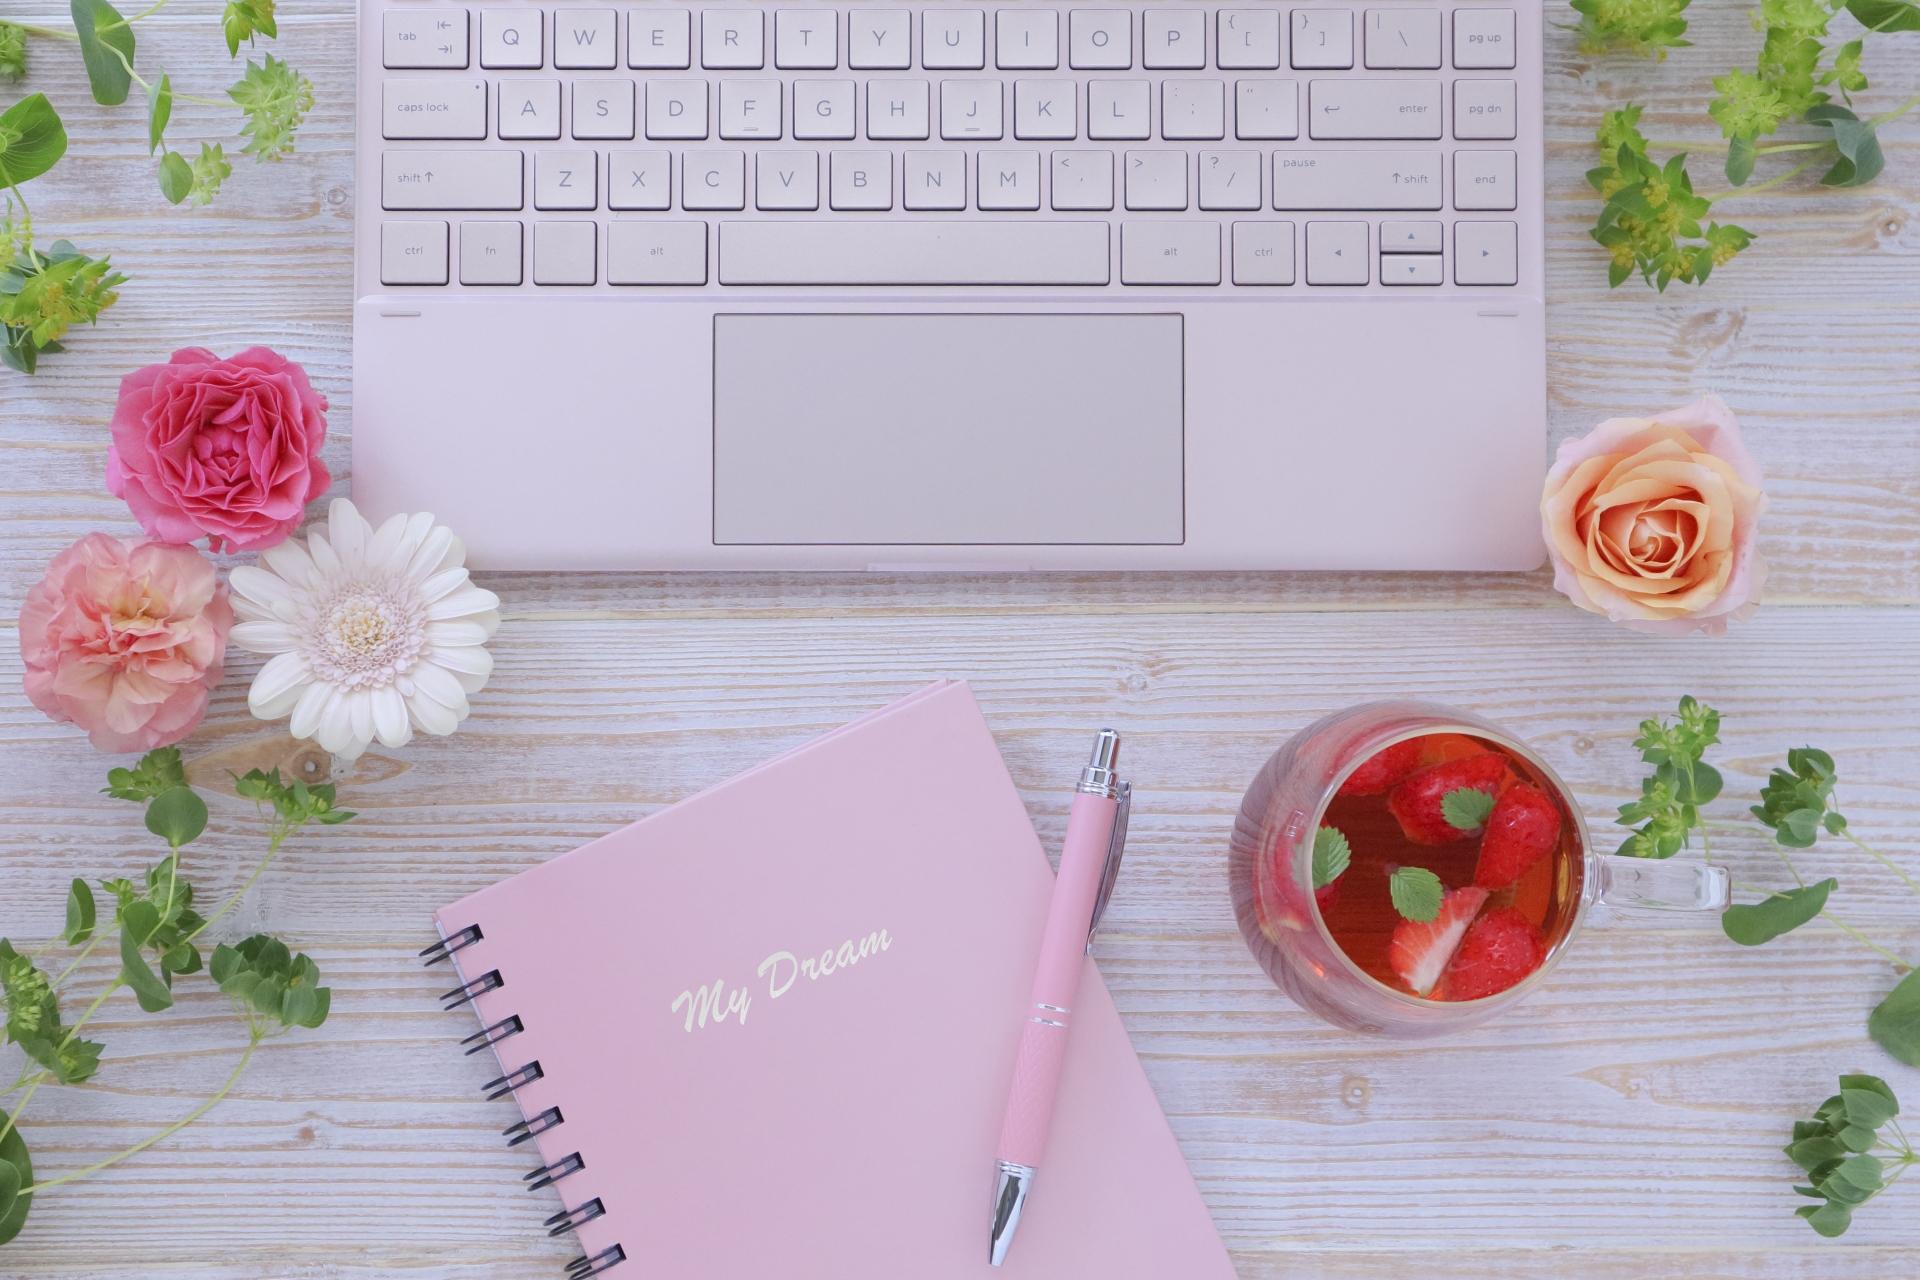 女性デザイナーによるホームページ制作が喜ばれる理由と実績